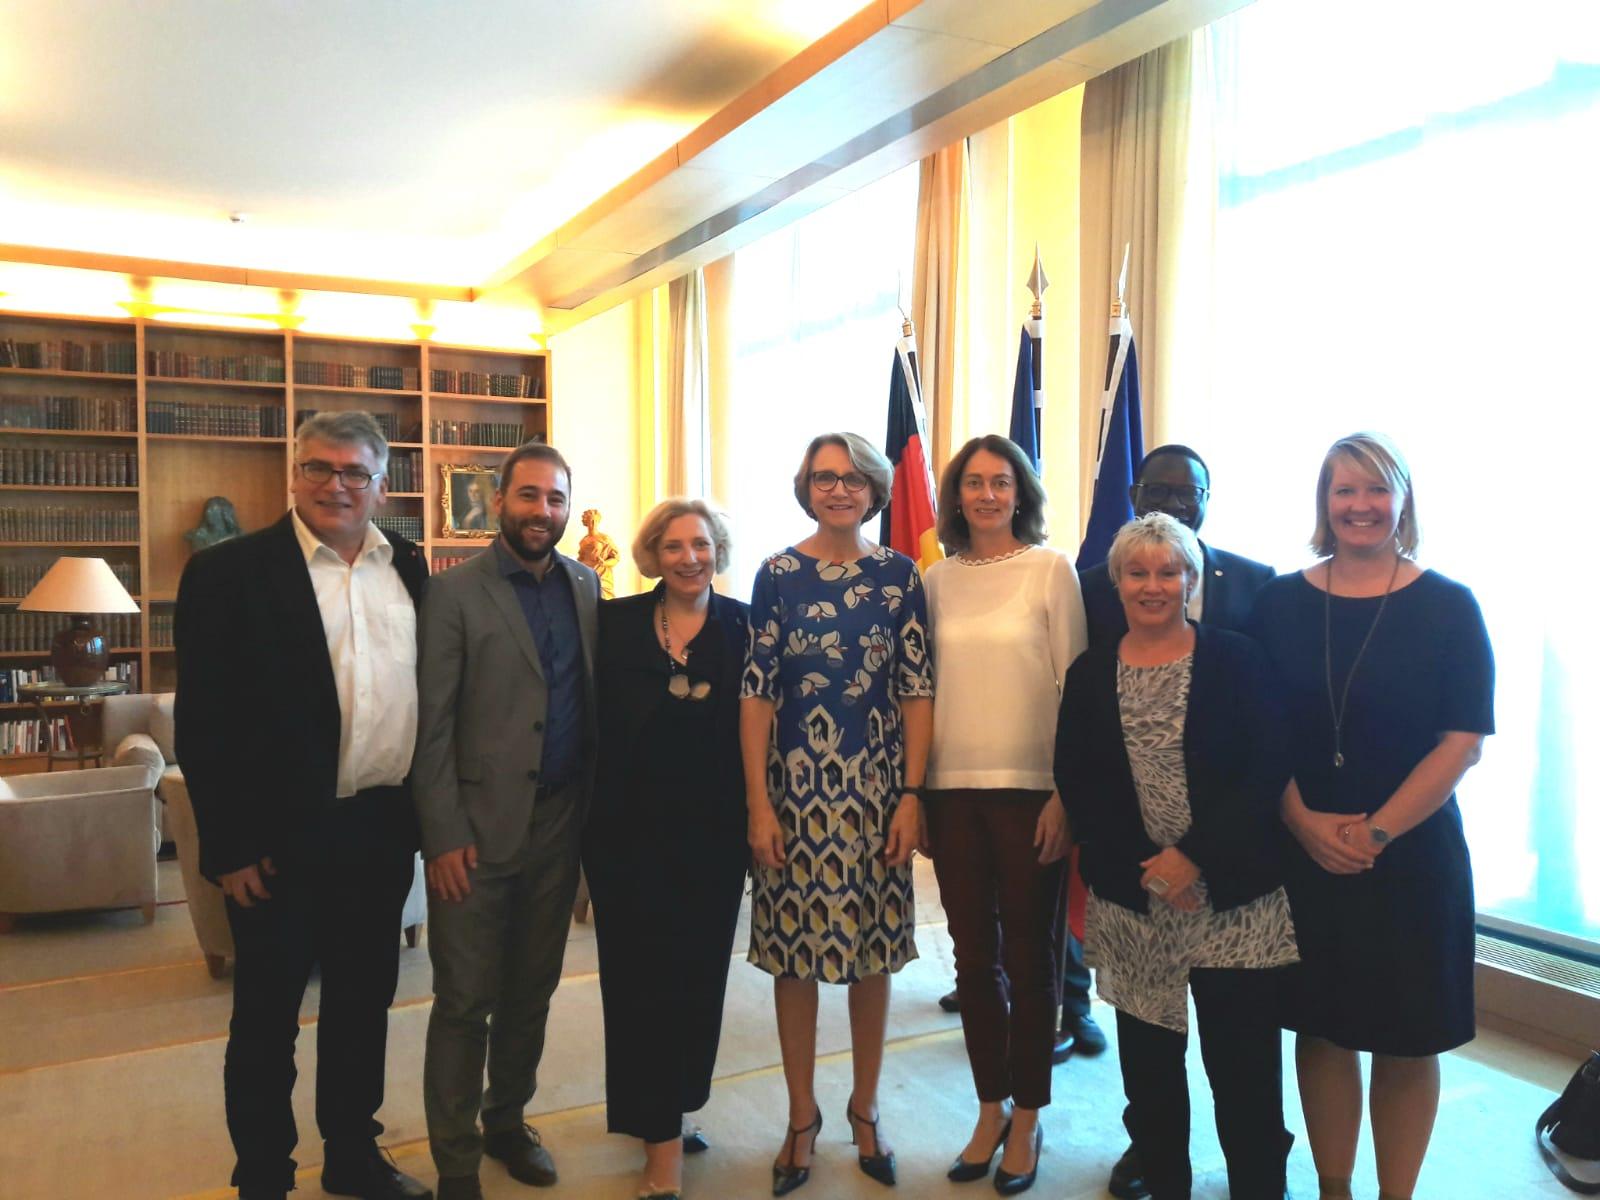 Die stellvertretende Vorsitzende der deutsch-französischen Parlamentariergruppe Dr. Daniela De Ridder mit der französischen Botschafterin Anne-Marie Descôtes (Foto: Französische Botschaft in Berlin)